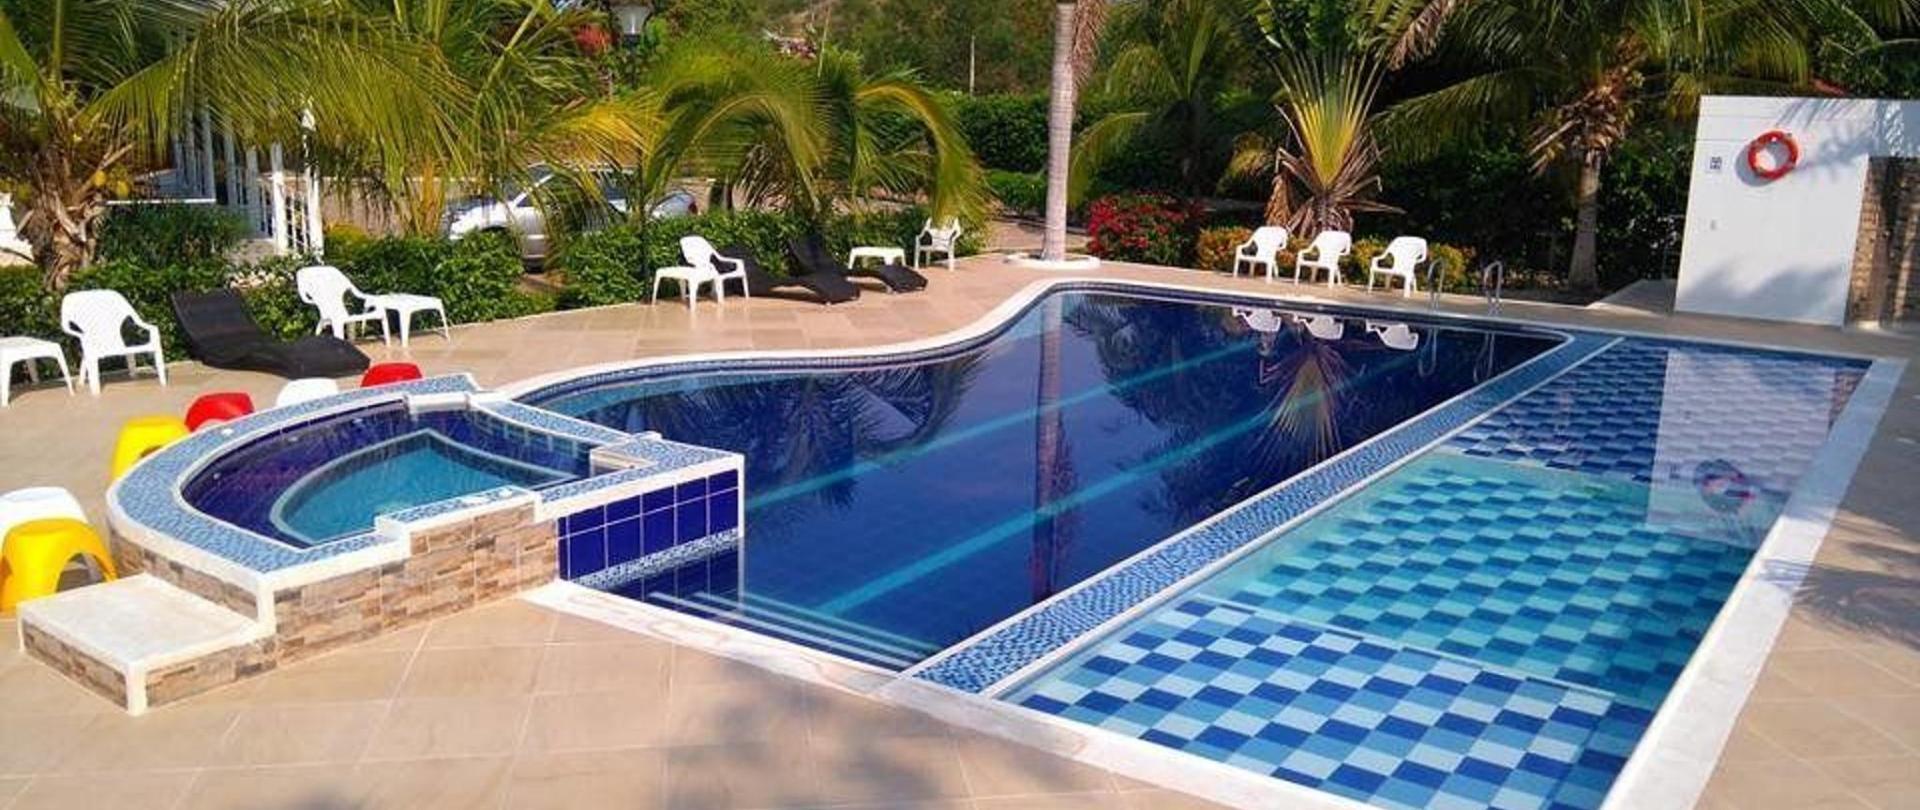 zona-de-piscina-1.jpg